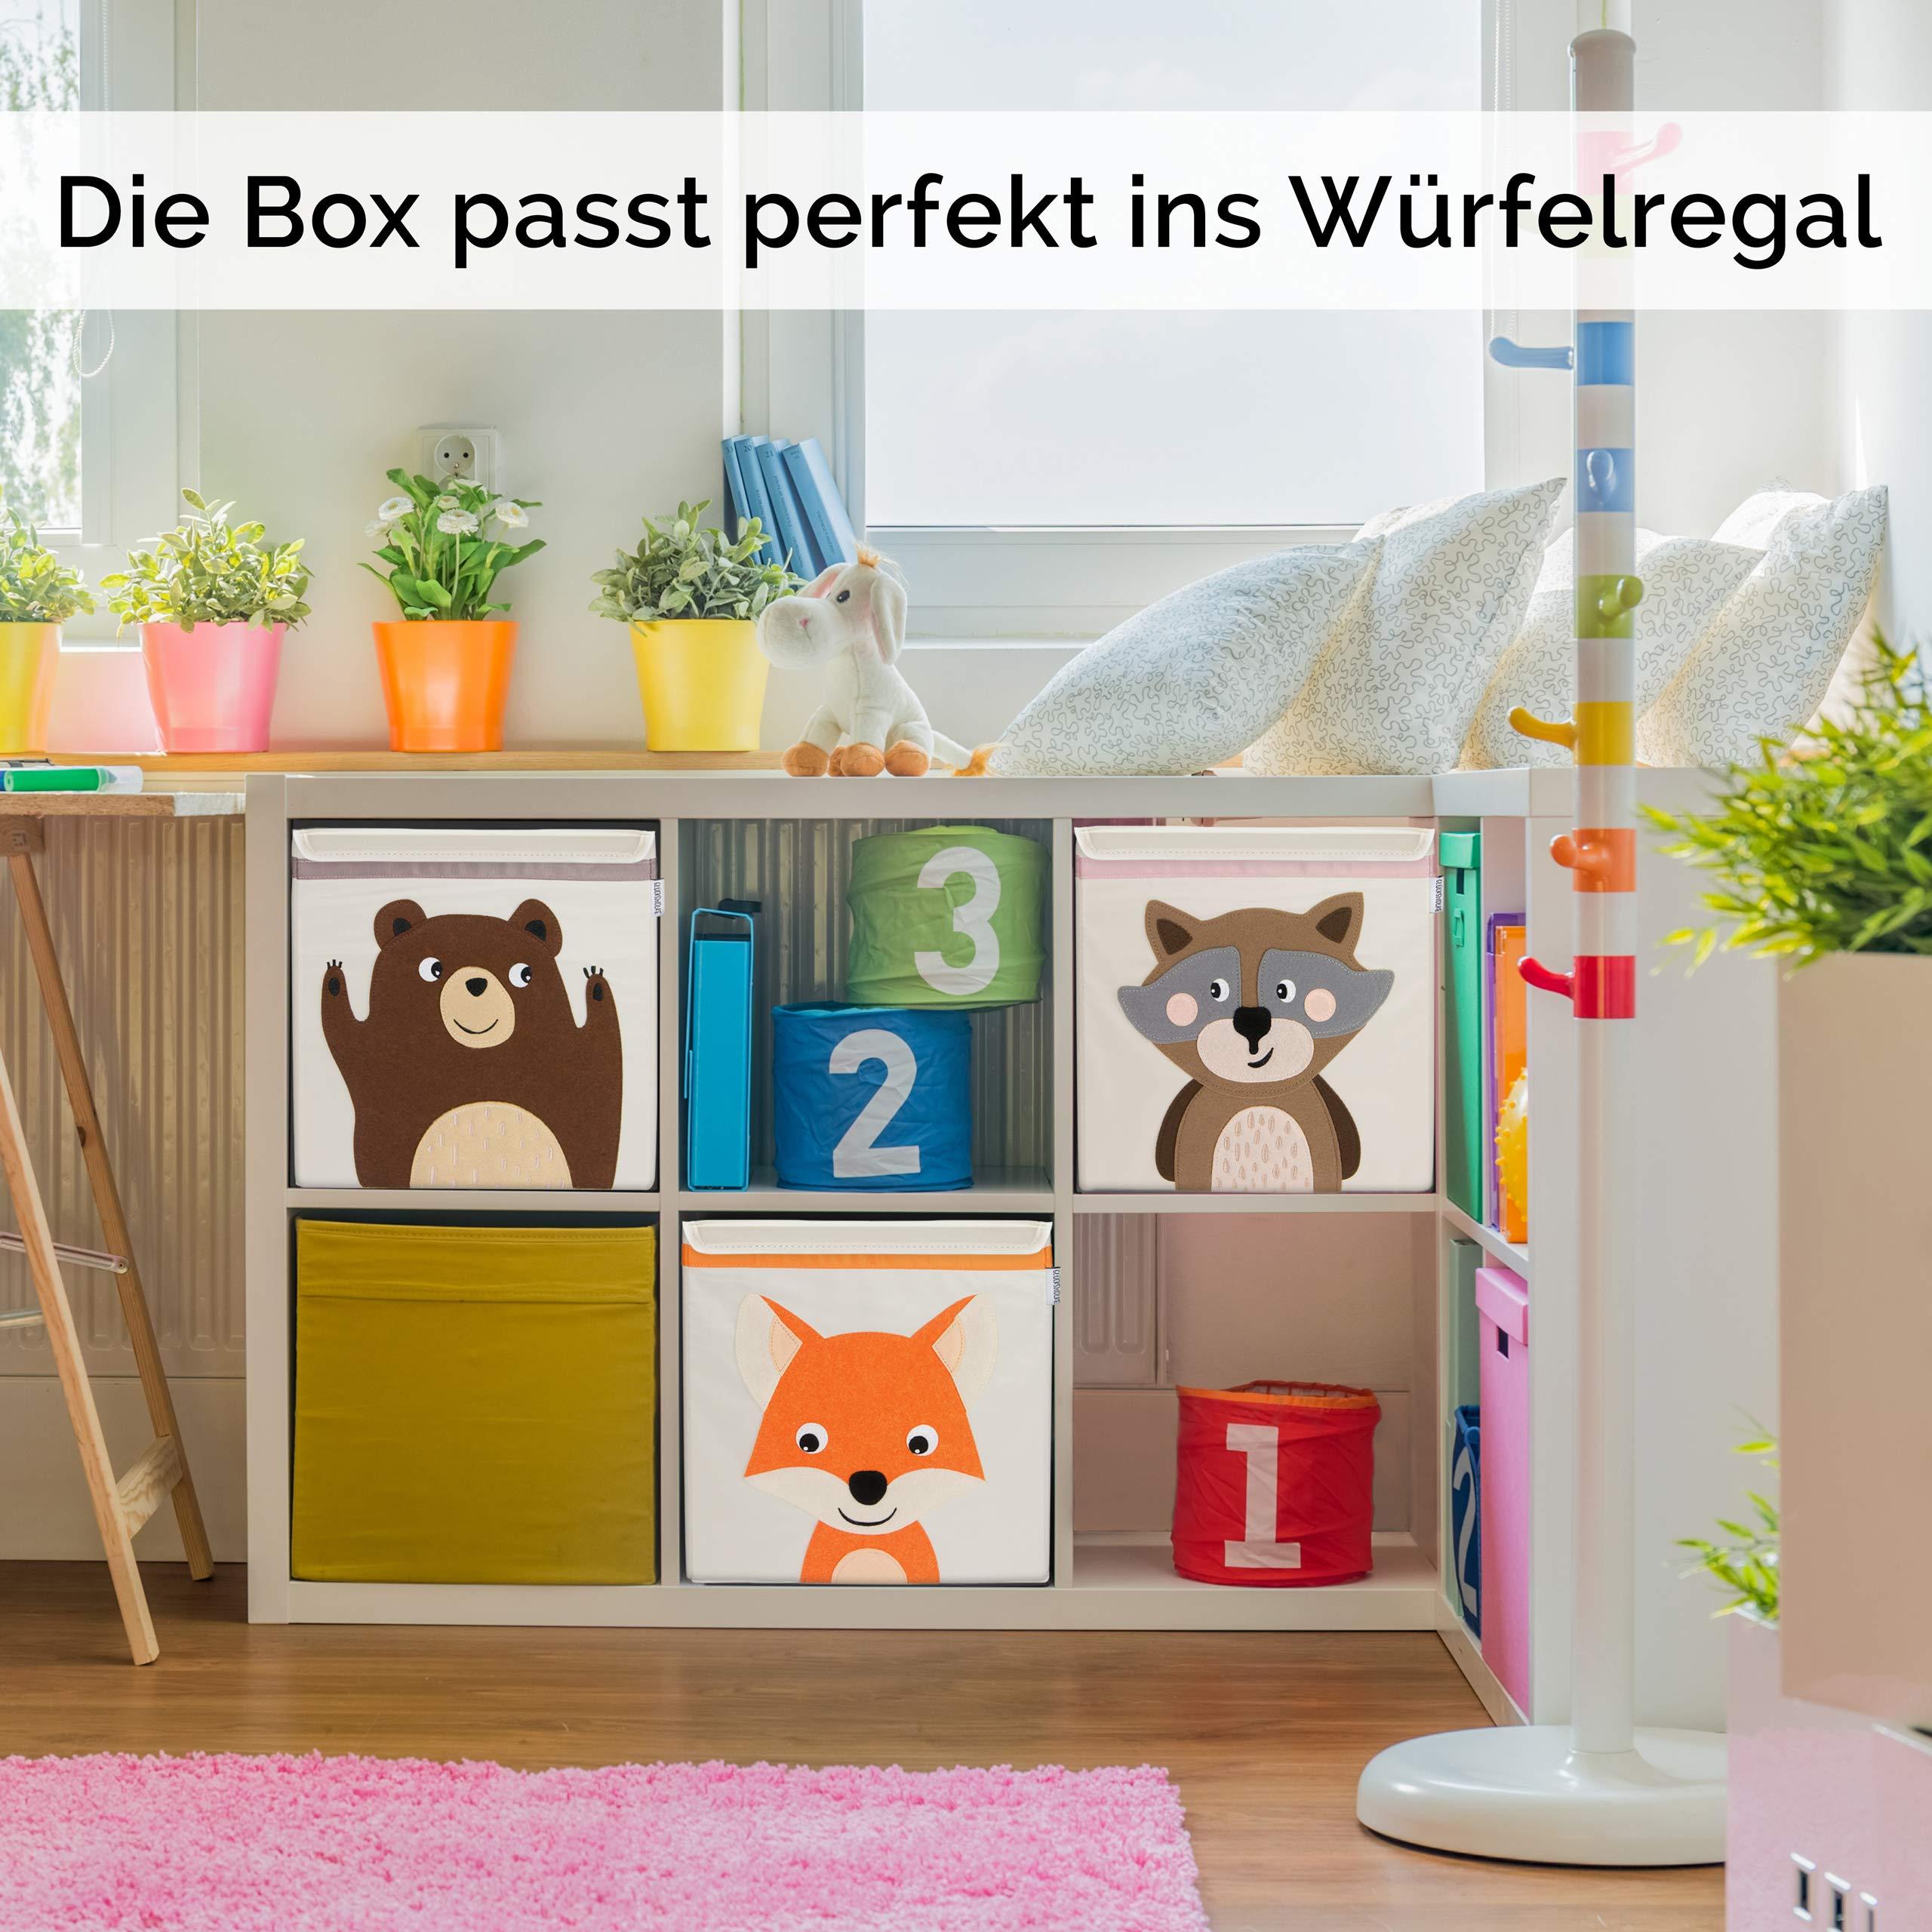 GLÜCKSWOLKE Aufbewahrungsbox für Kinderzimmer I praktische Spielzeug-Kiste  mit Deckel und Griffen I Spielzeug-Box (33x33x33) zur Aufbewahrung im ...